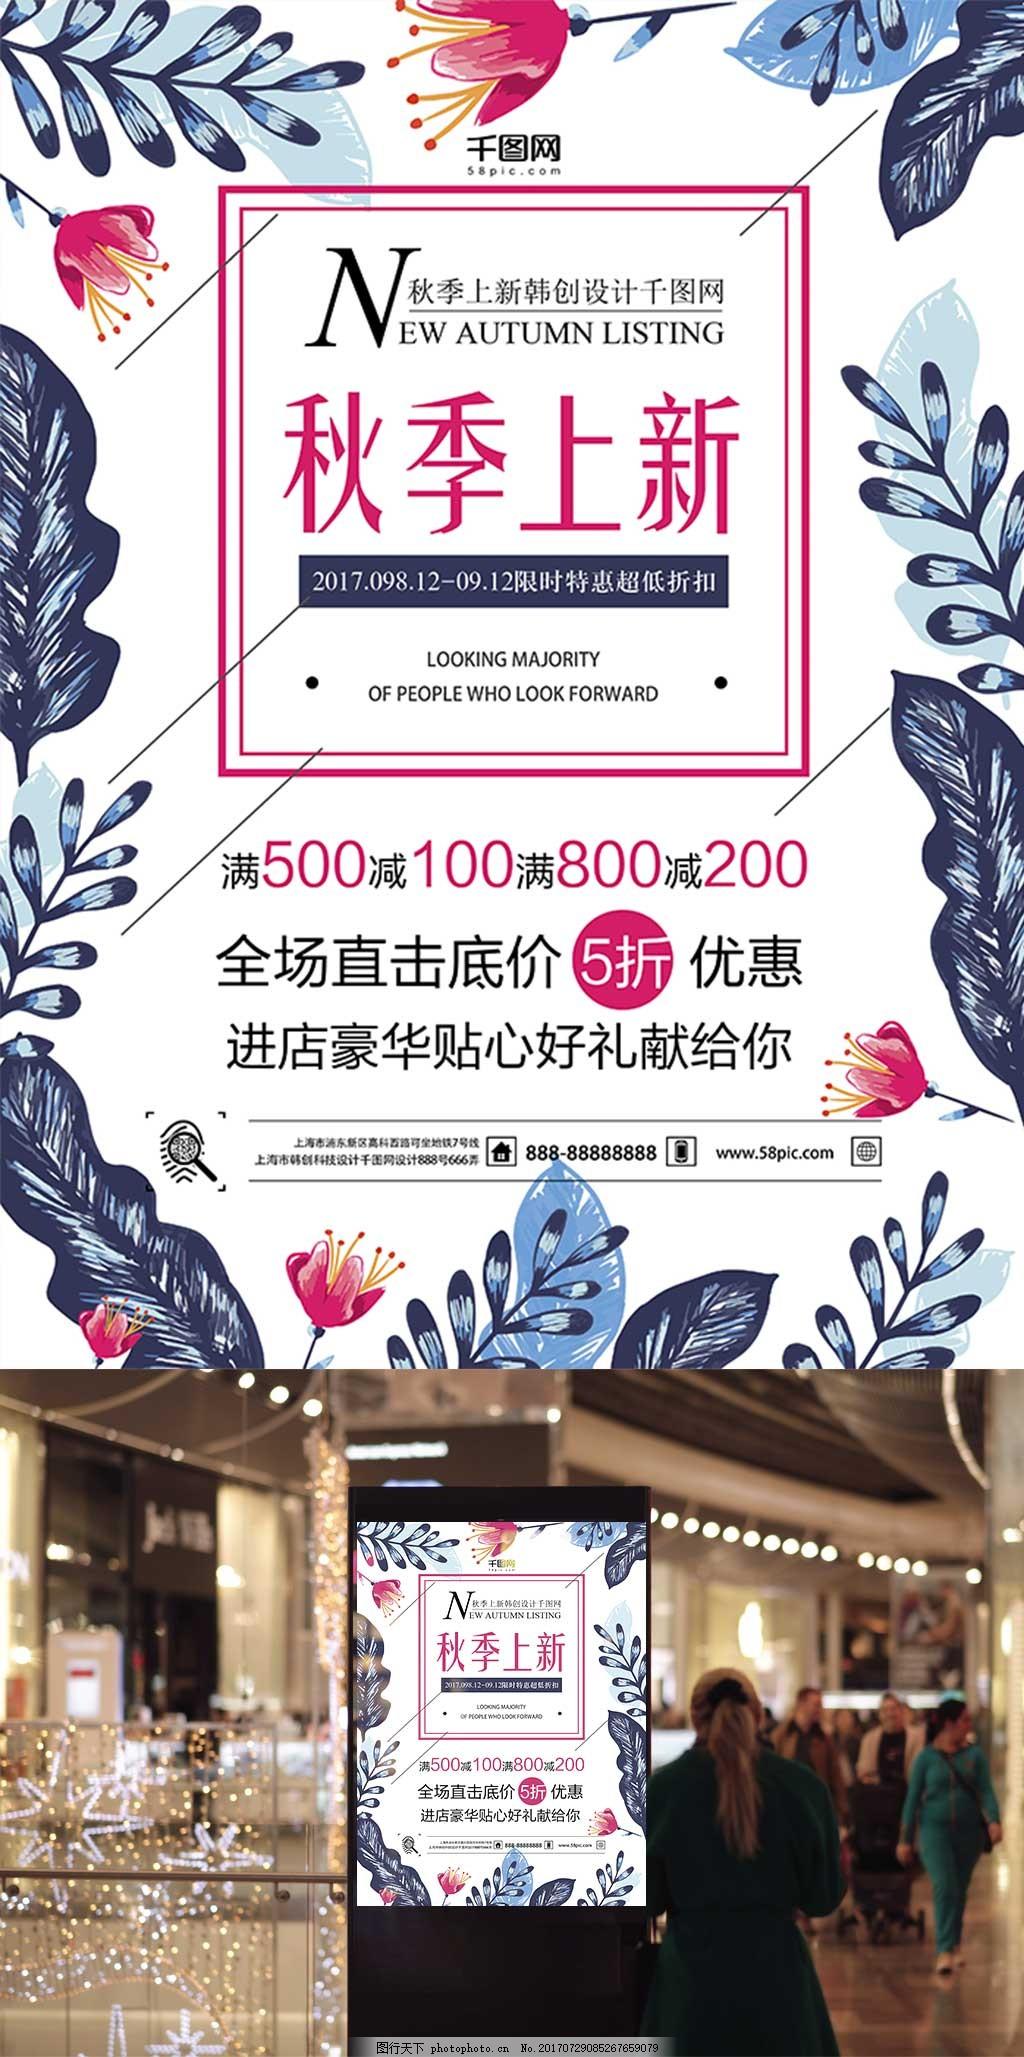 新品上市海报促销海报小清新秋季新品蓝叶 秋装宣传海报 唯美海报